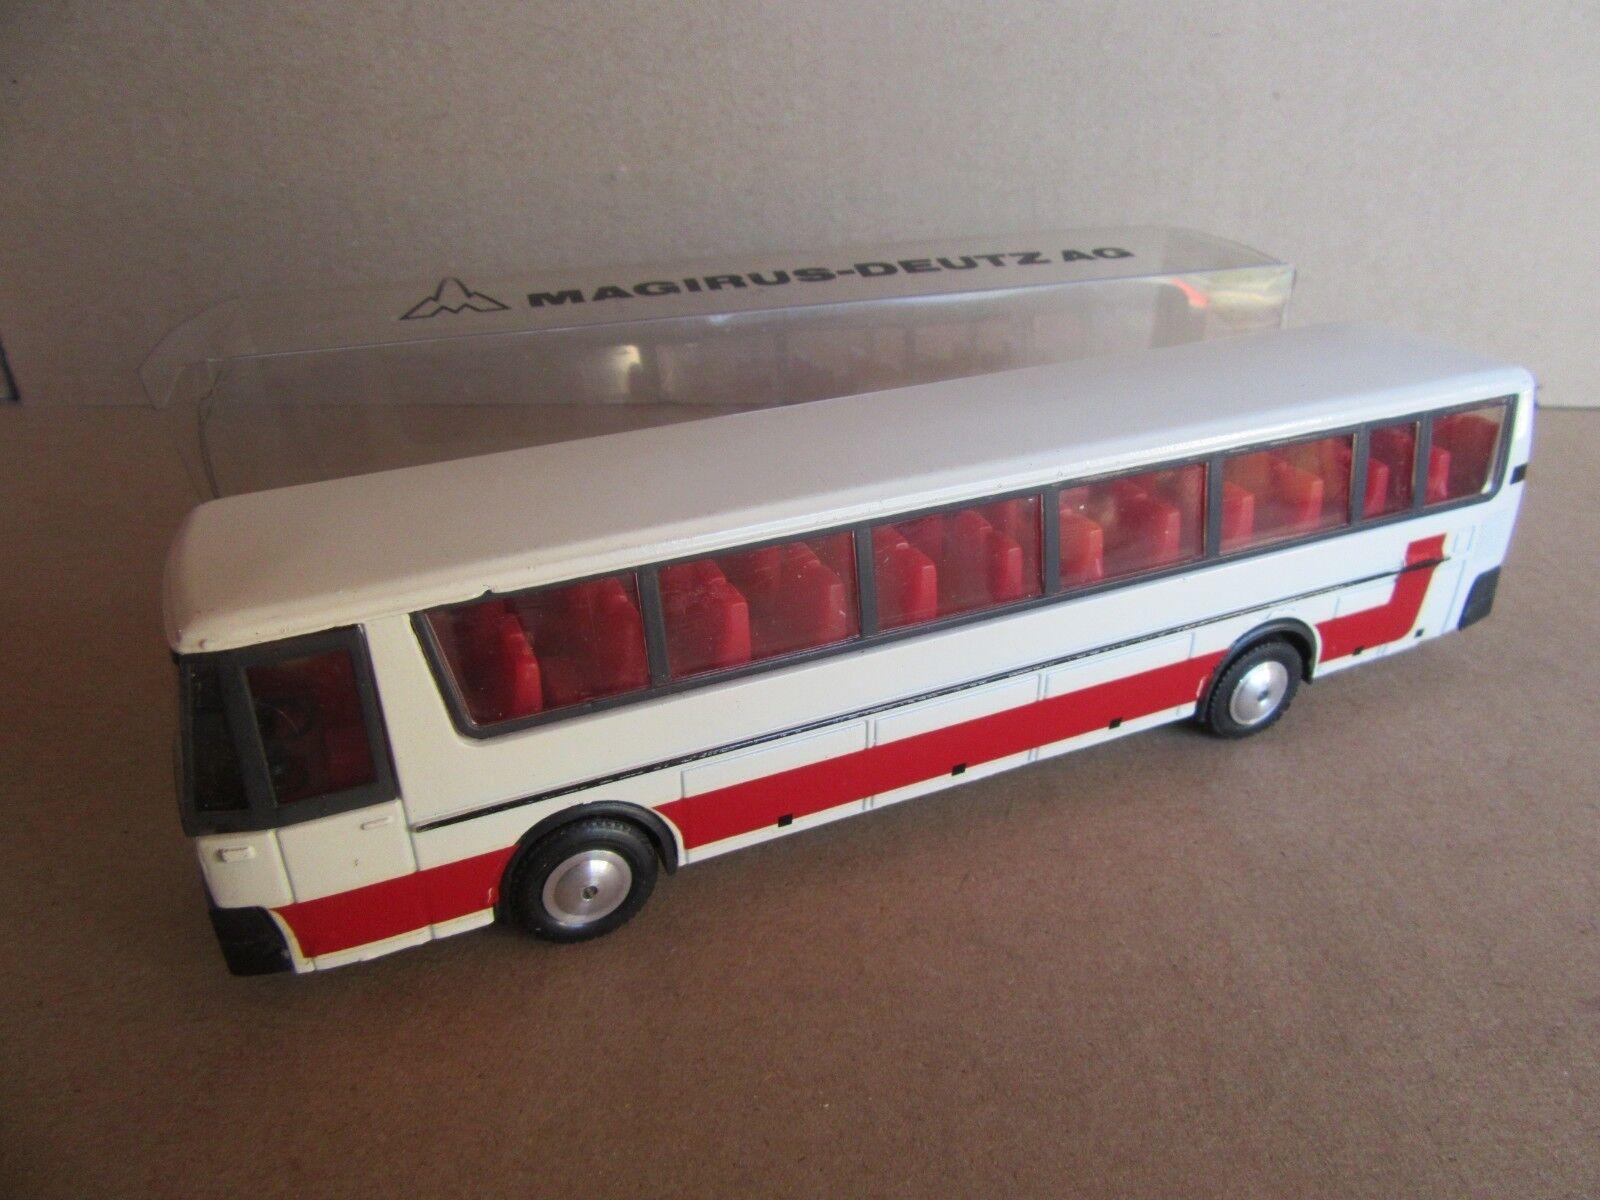 350h nzg 168 bus magirus deutz m2000 1 60 boîte zugeständnis